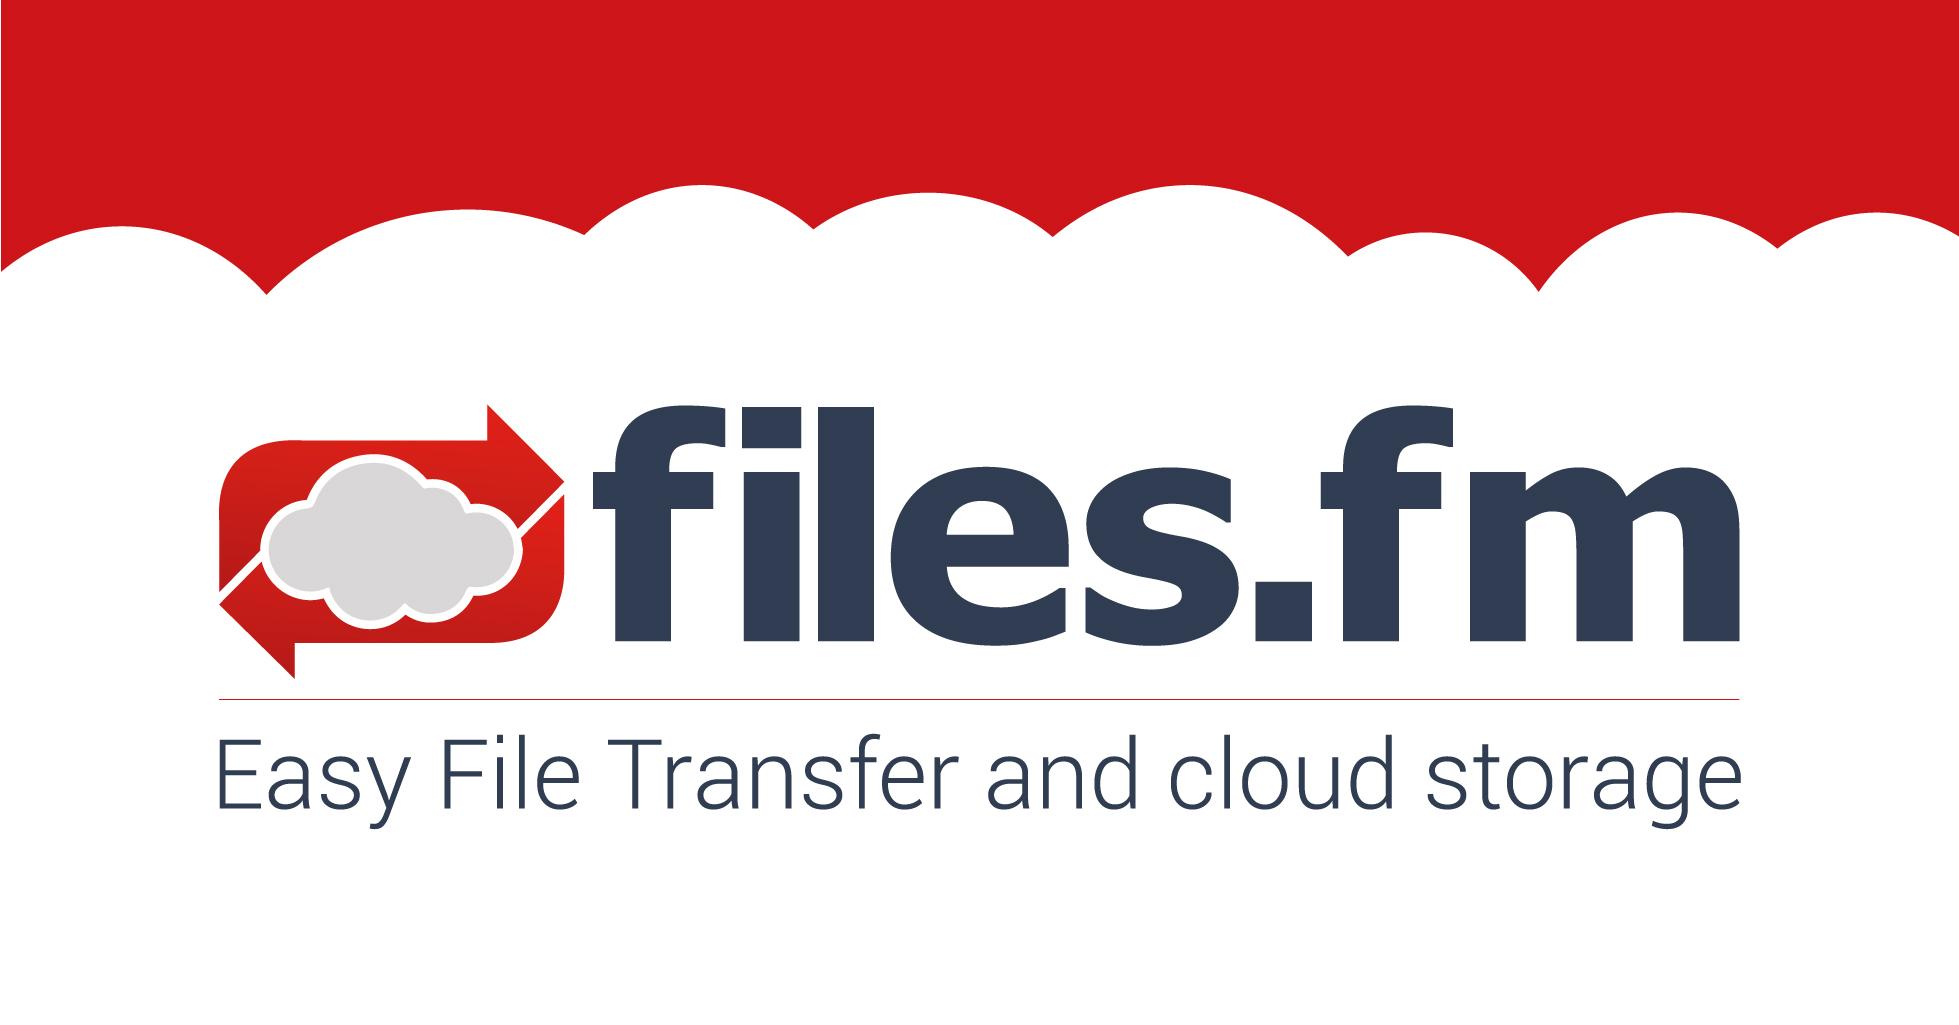 Файлообменник - бесплатный, быстрый и безопасный хостинг файлов.